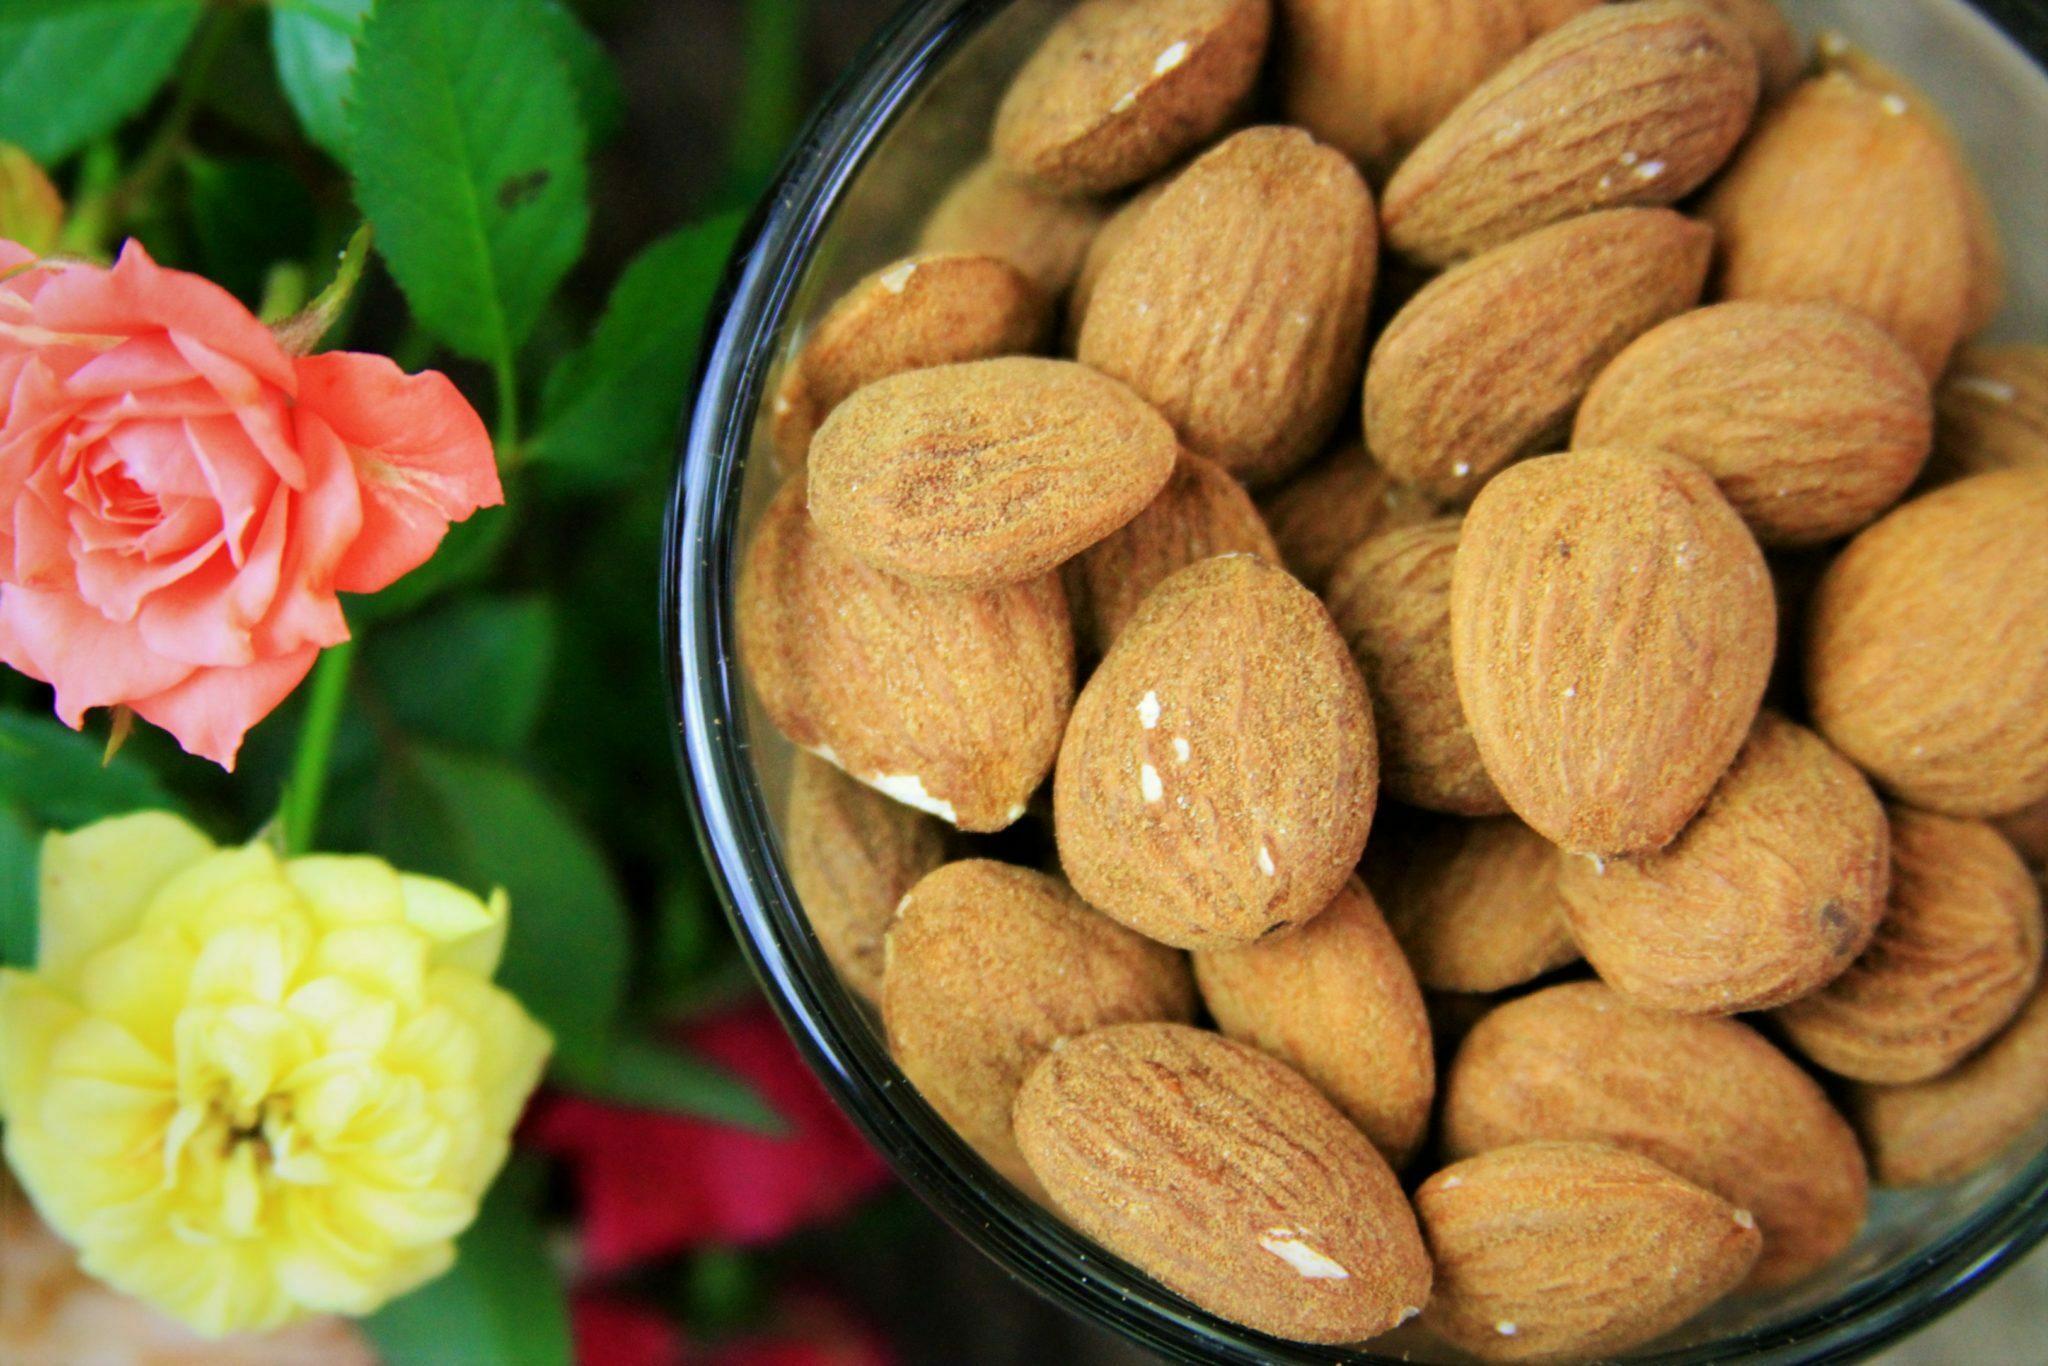 Amêndoas são ricas em vitamina E, um poderoso antioxidante